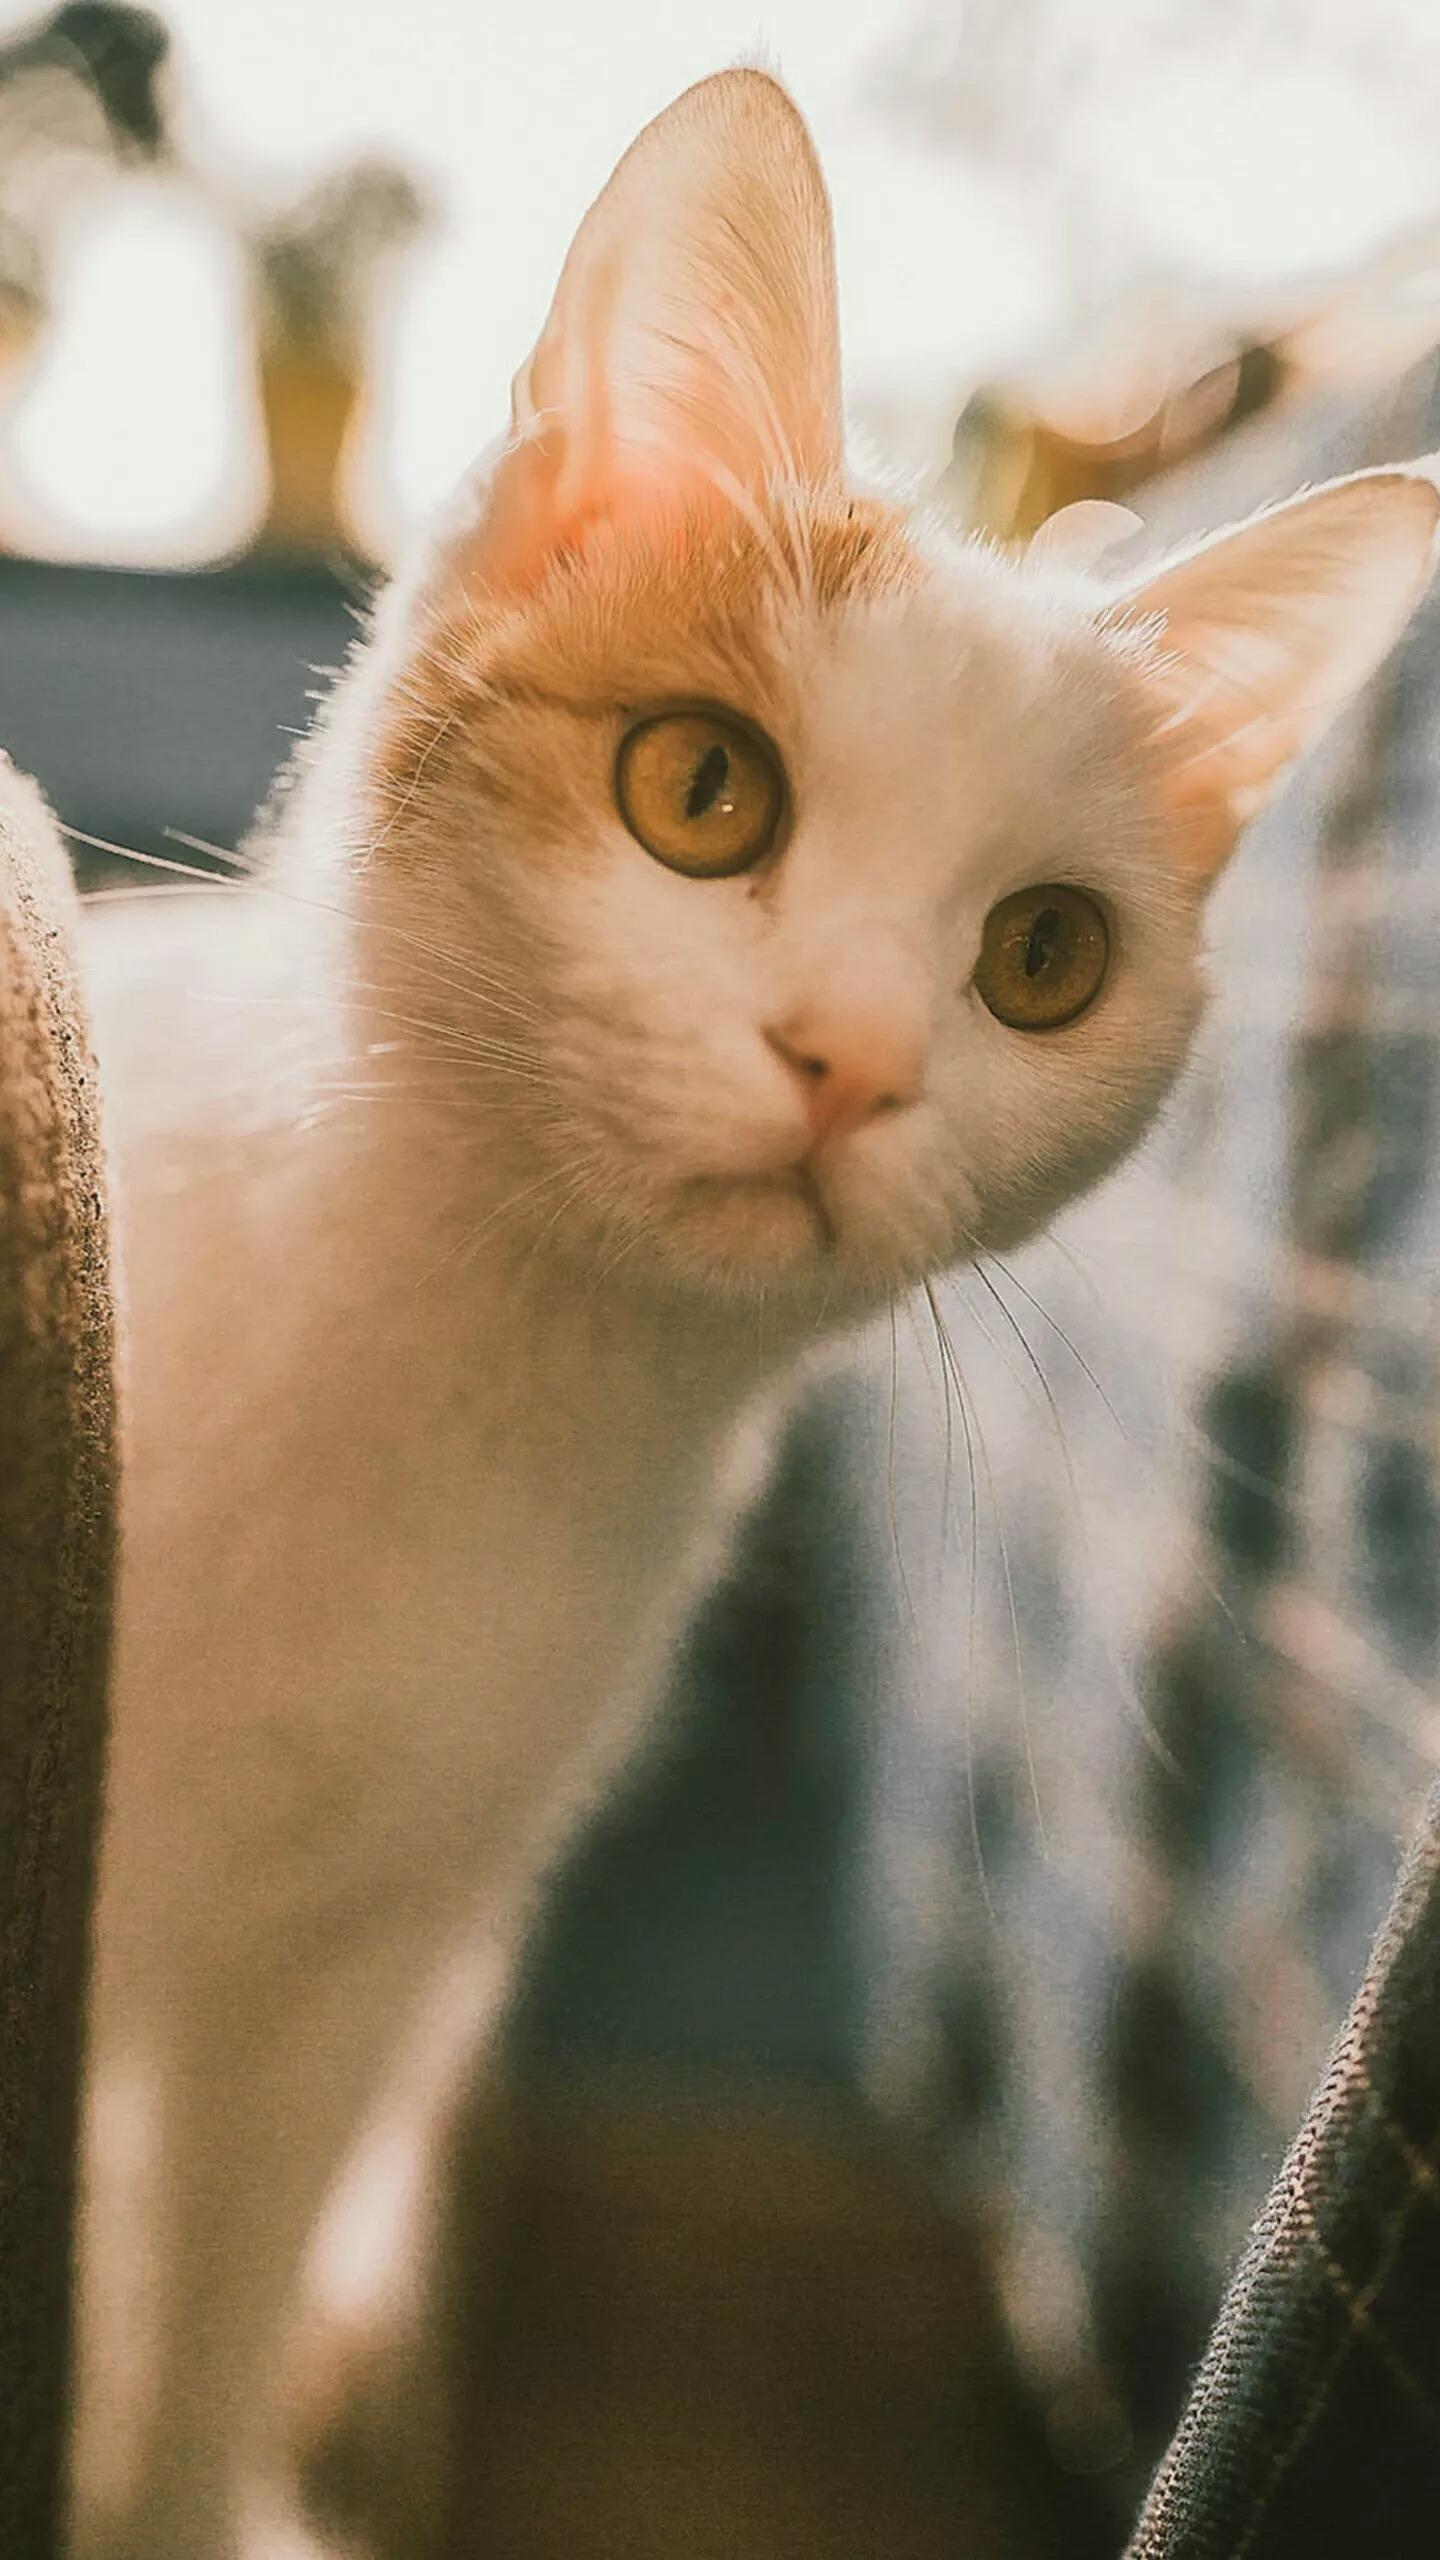 【v粉壁纸】萌萌小动物